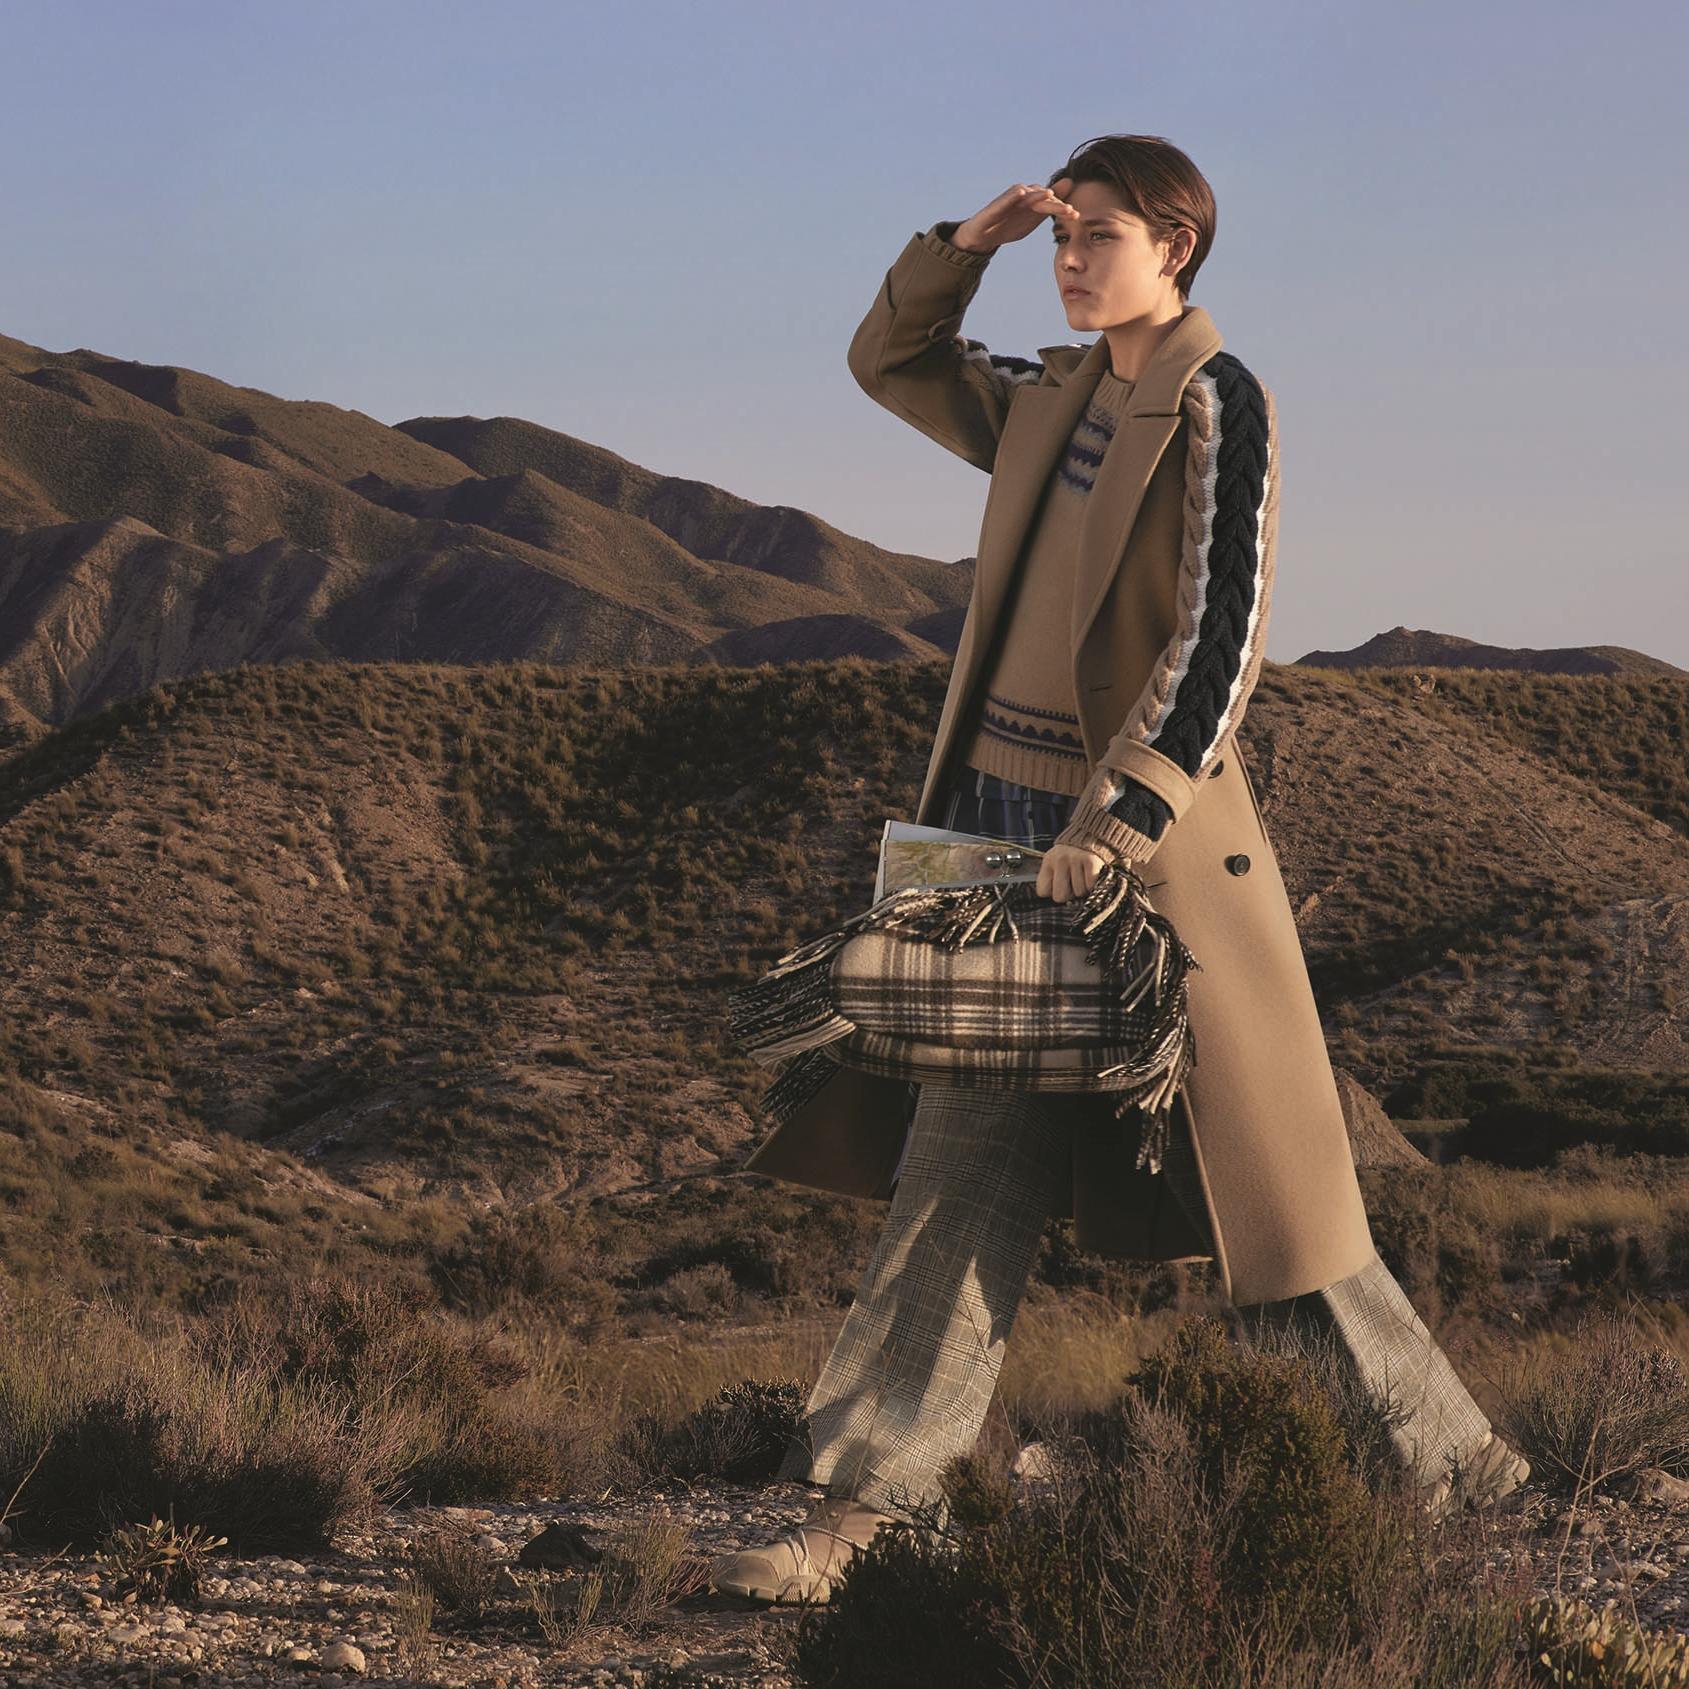 Biến hóa với phong cách thời trang kiểu nhà thám hiểm phóng khoáng nhưng đầy thanh lịch